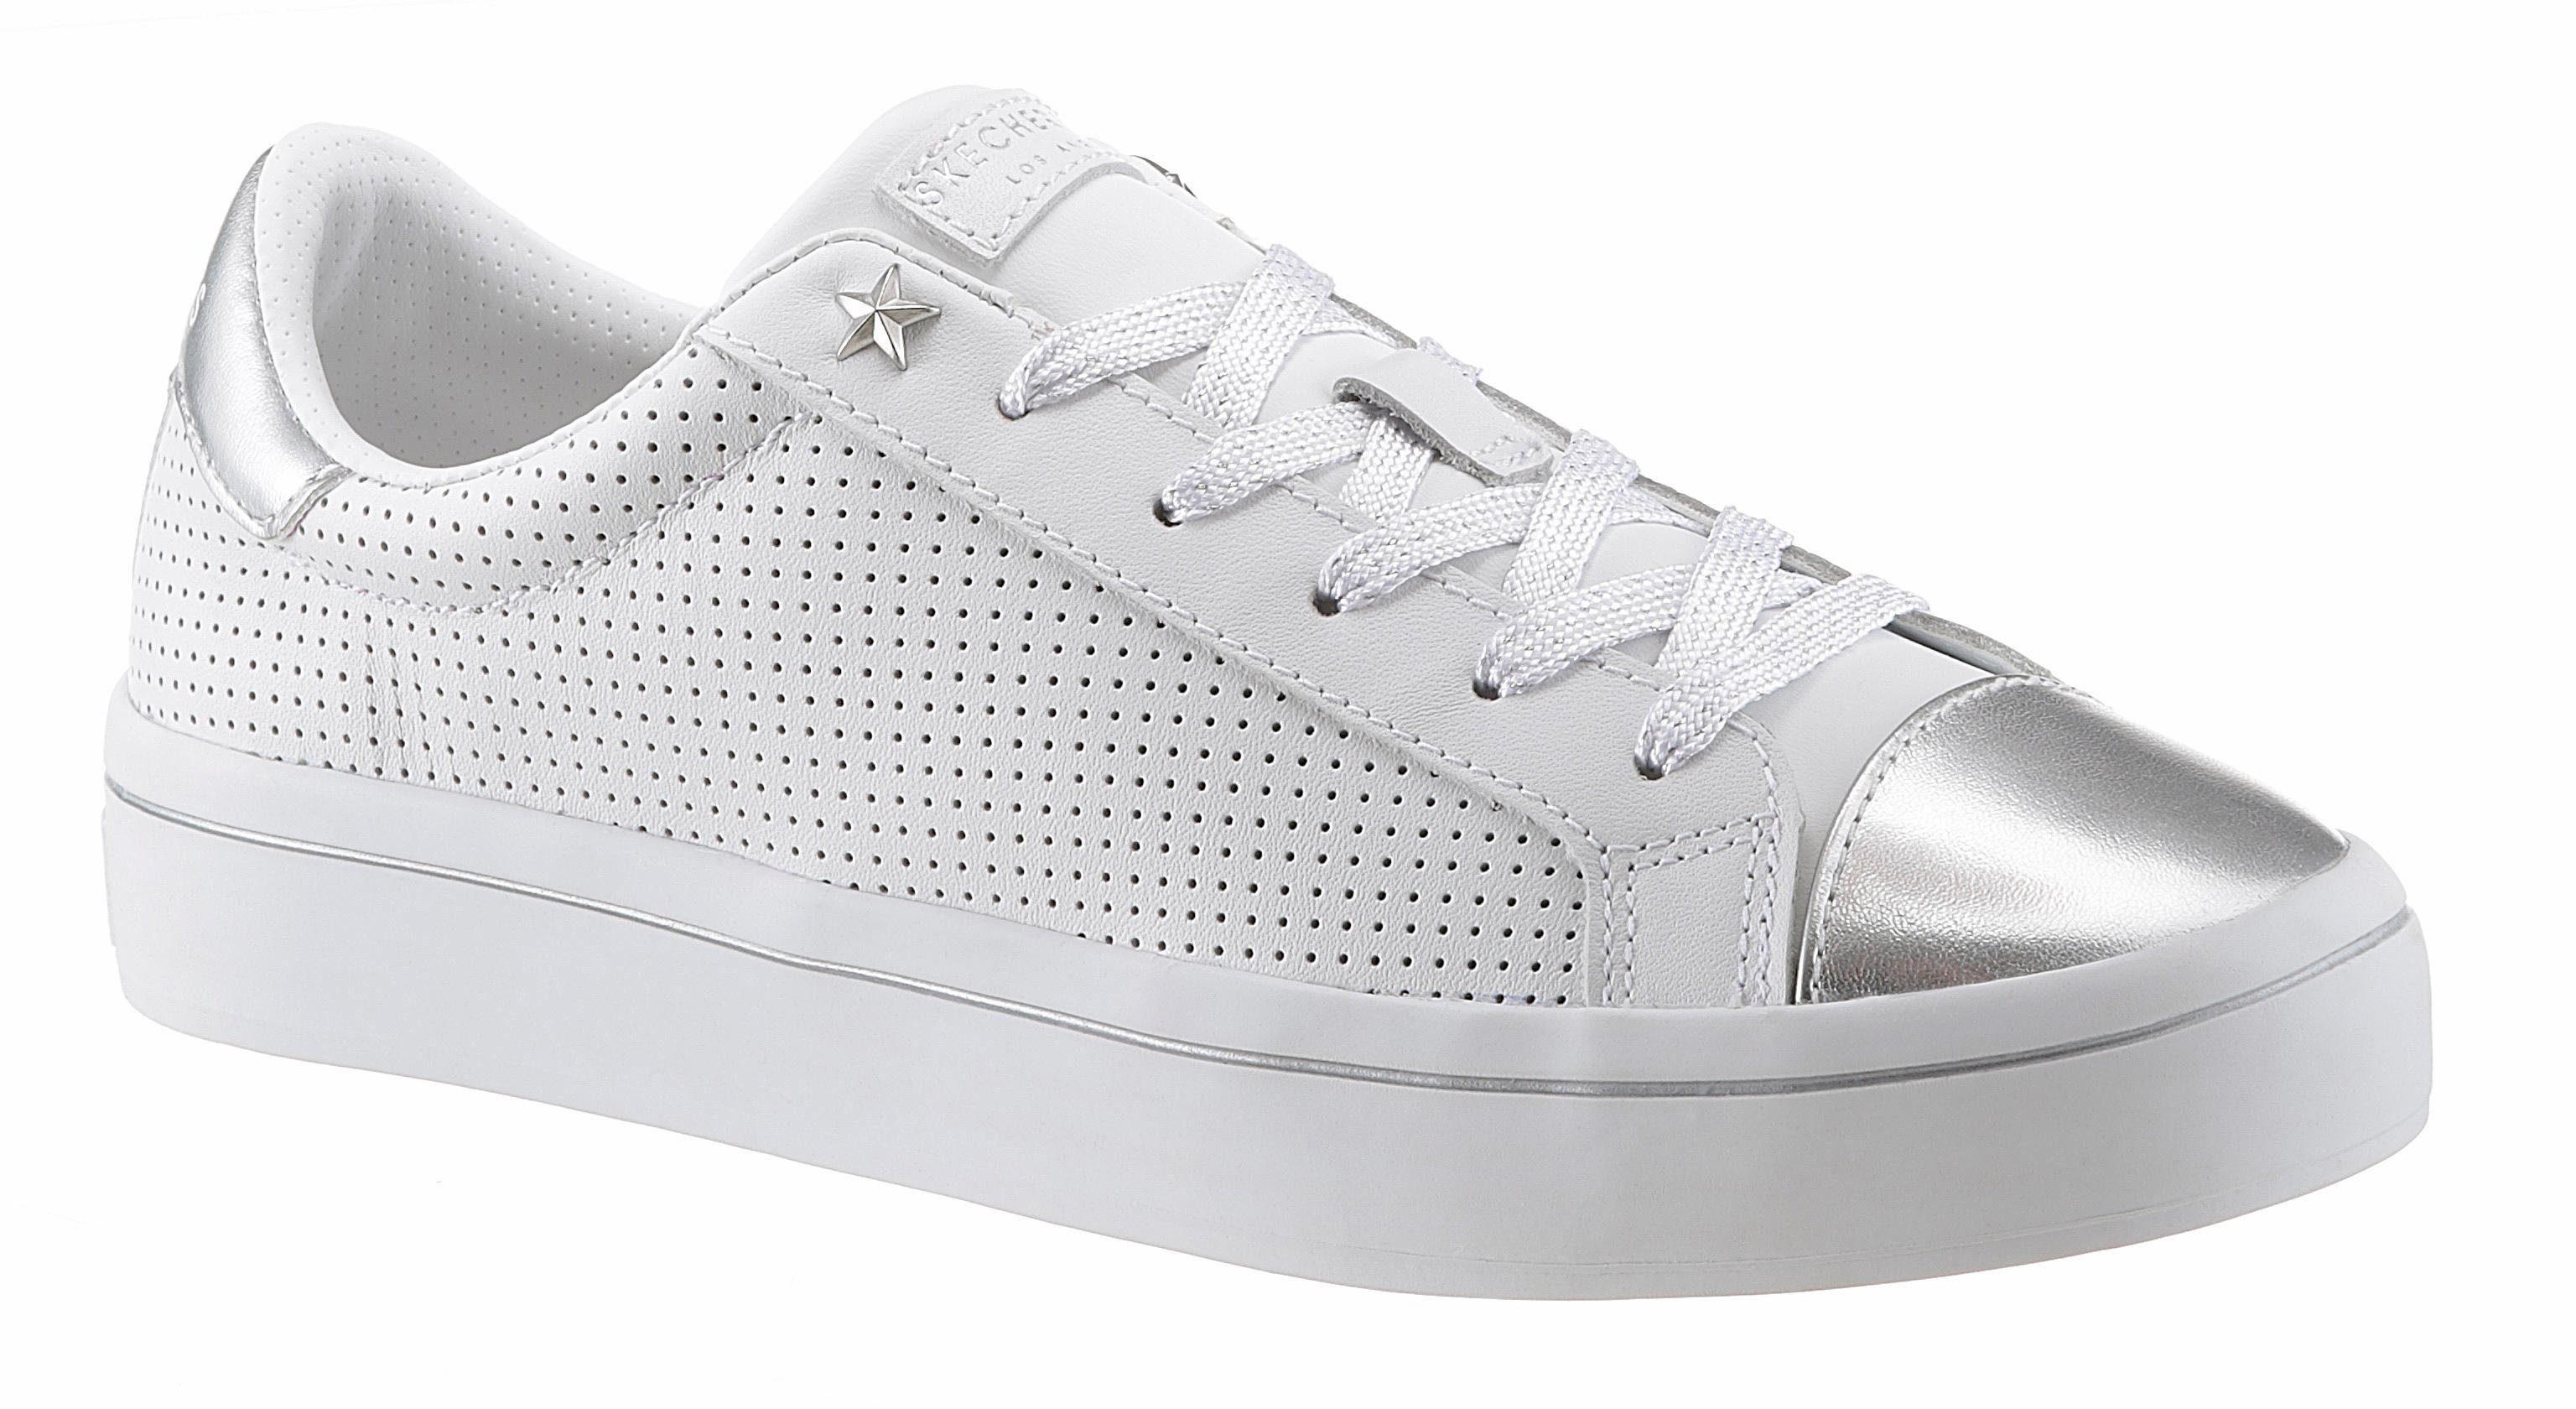 Skechers »Moda Dazzling Dancer« Sneaker, mit Schmucksteinen, weiß, weiß-silberfarben